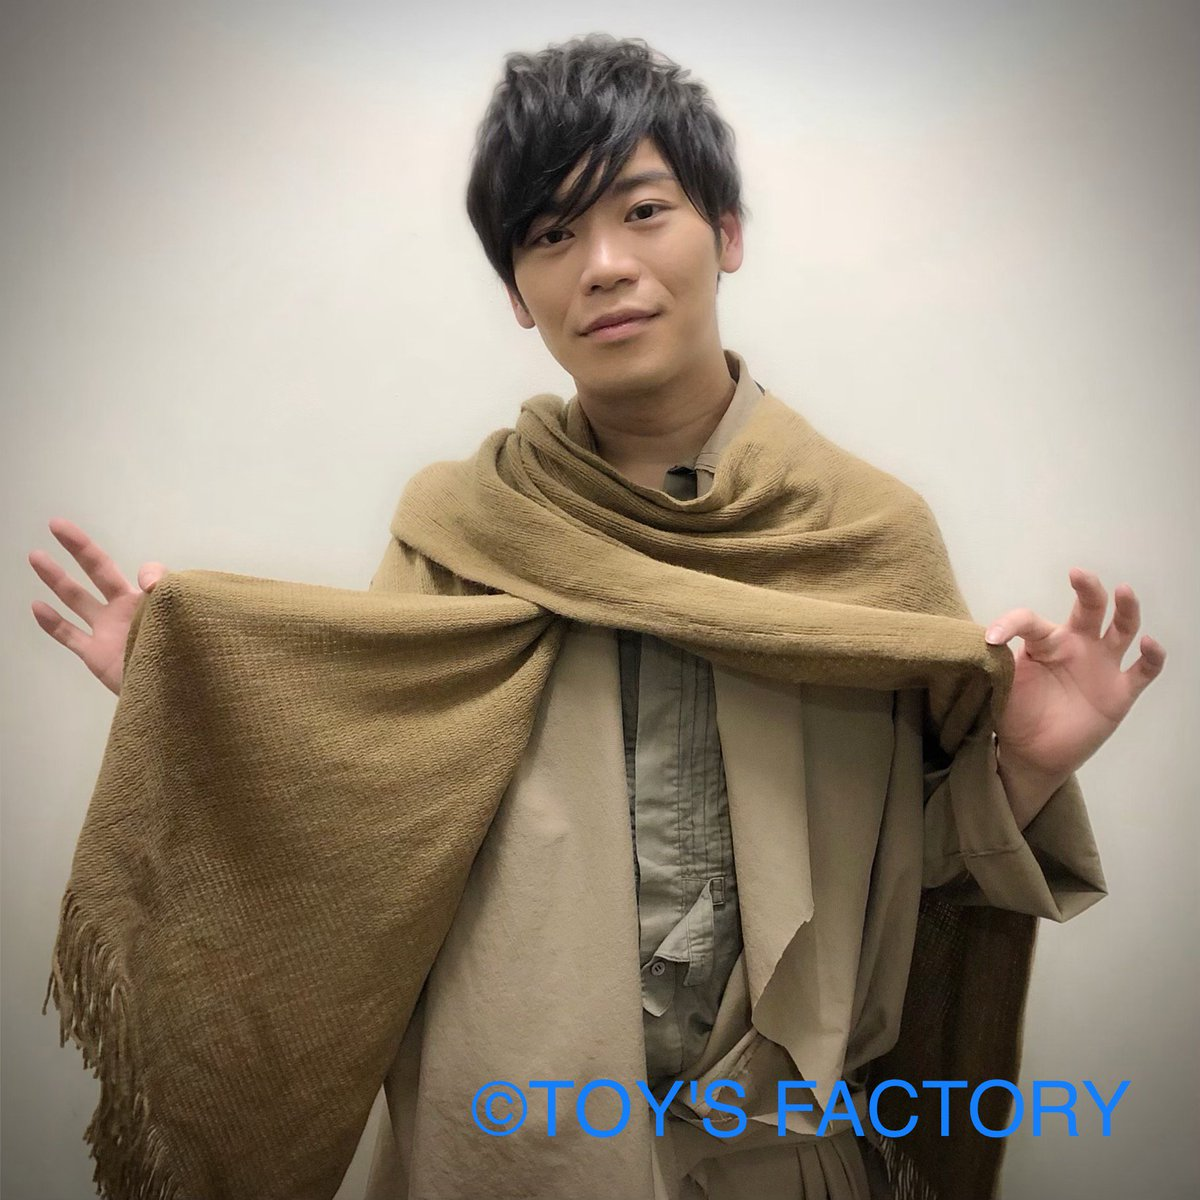 【古川慎】2nd Single『地図が無くても戻るから』本日発売となりました。お手にとって頂いた皆様、ありがとうございます!